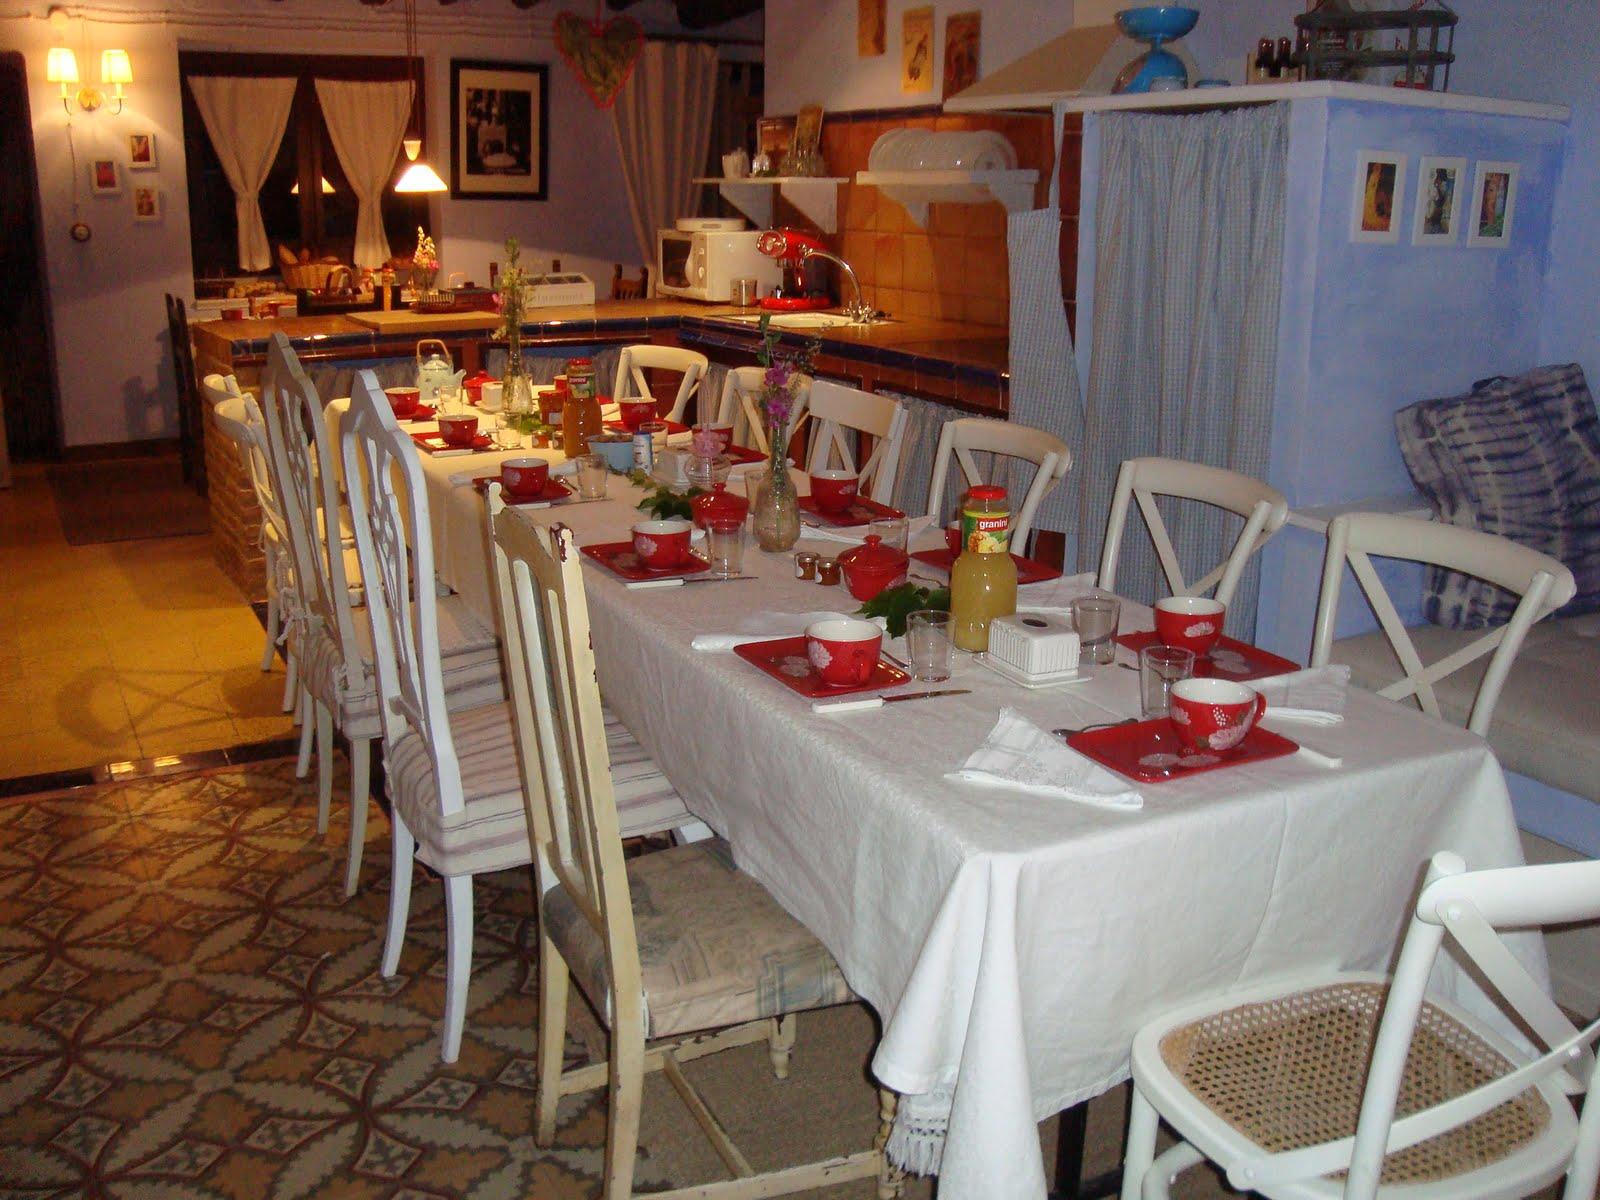 Casa rural sierra de guara restaurante la bodega del vero g te de charme casa rural con - Mesas de desayuno ...